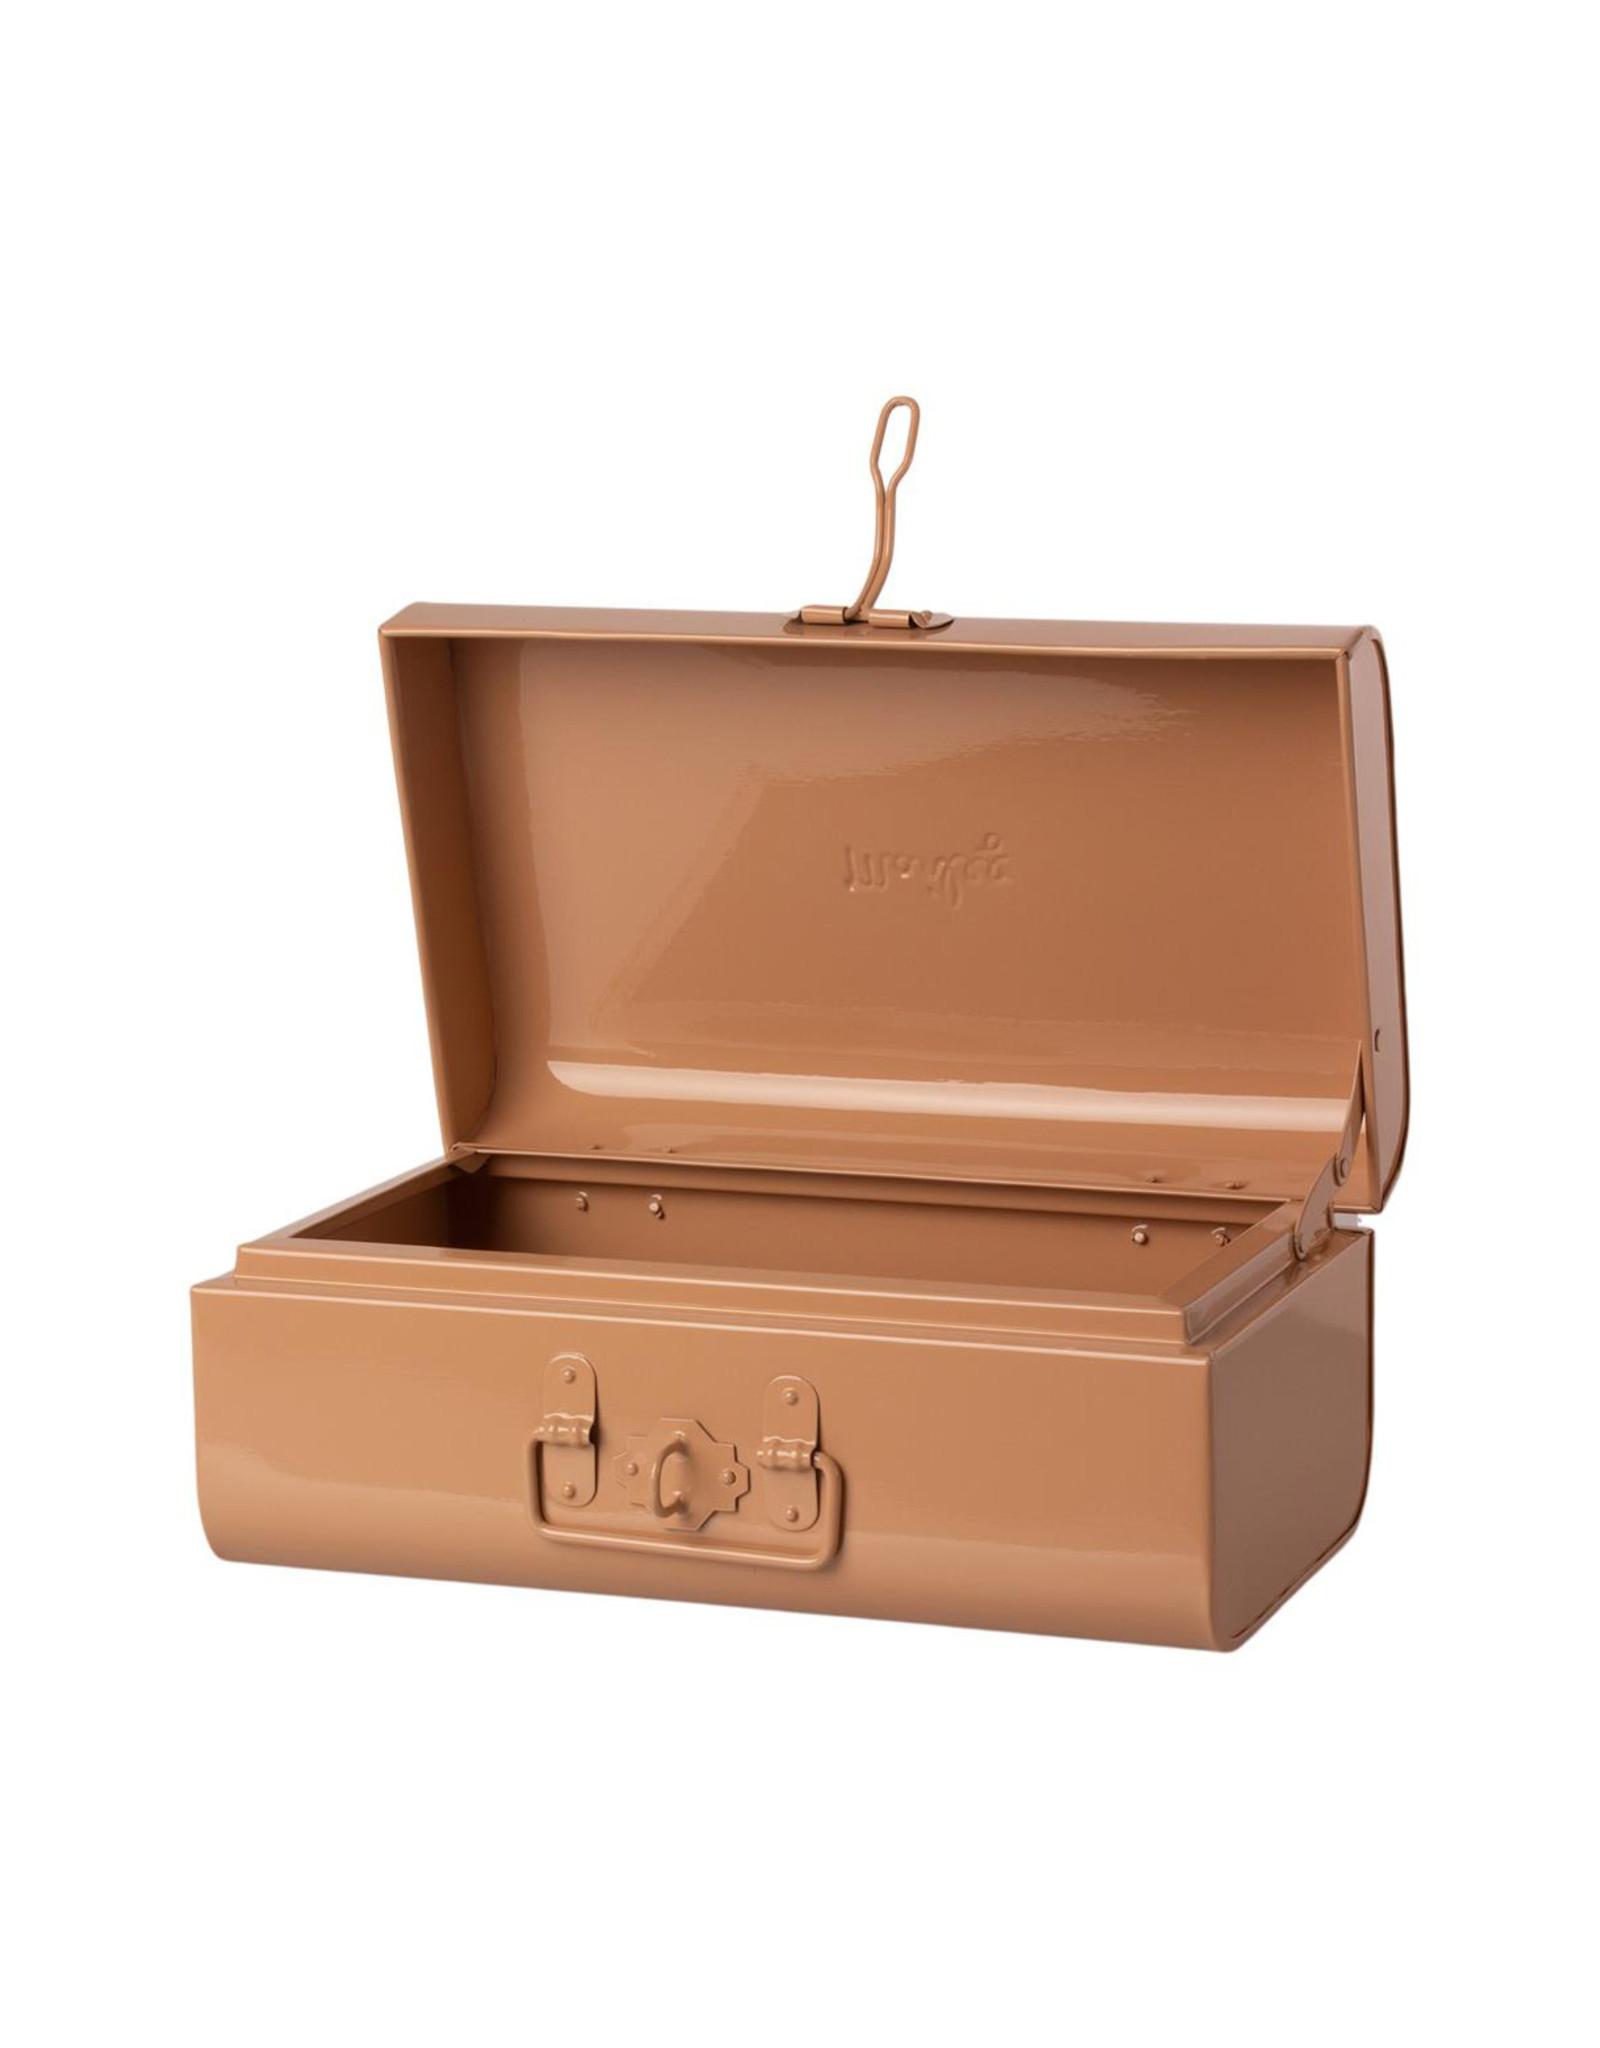 Maileg Small Storage Suitcase - Powder